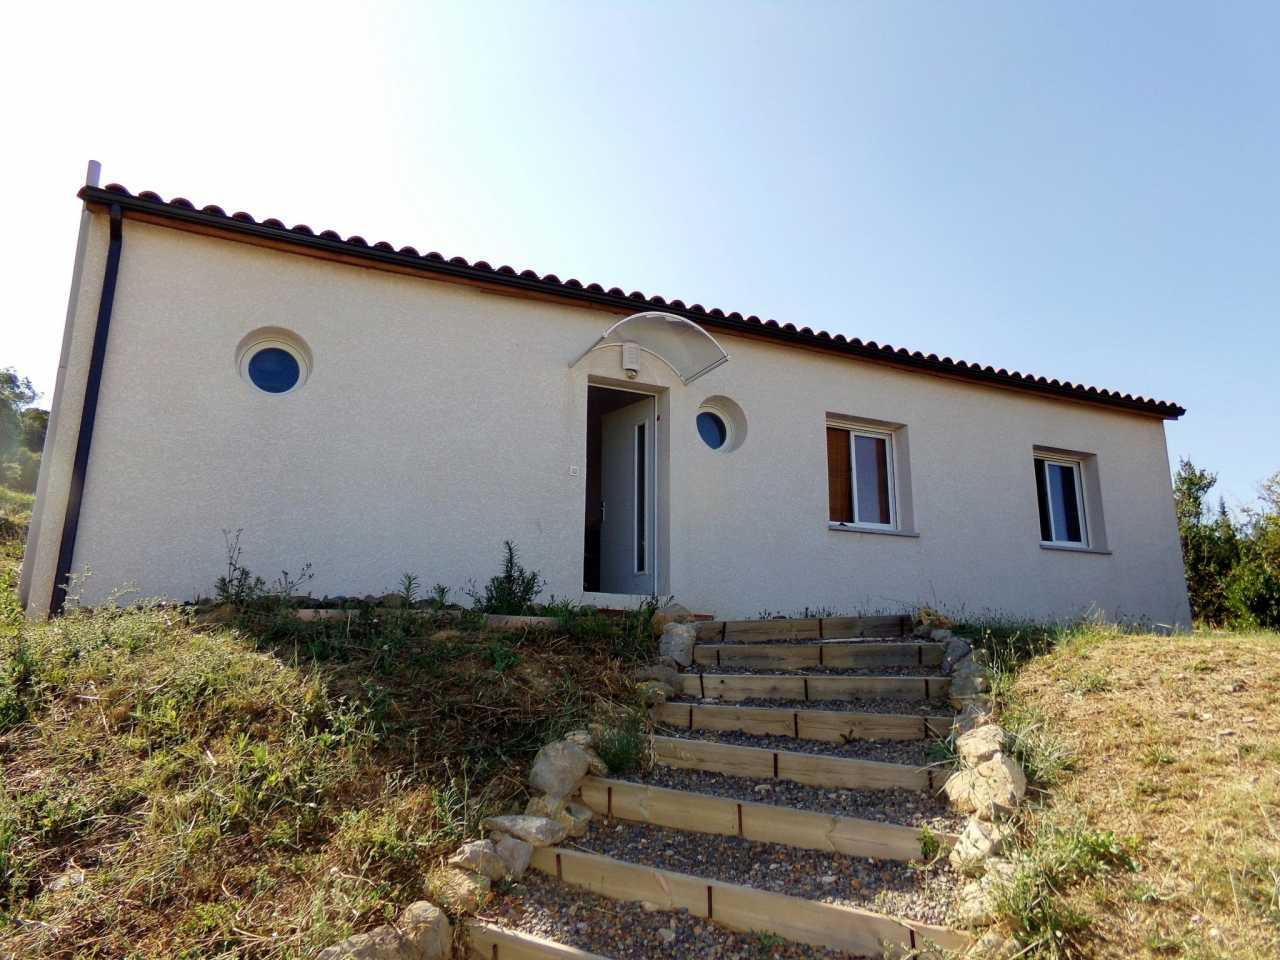 House CARCASSONNAIS | 199 900 €